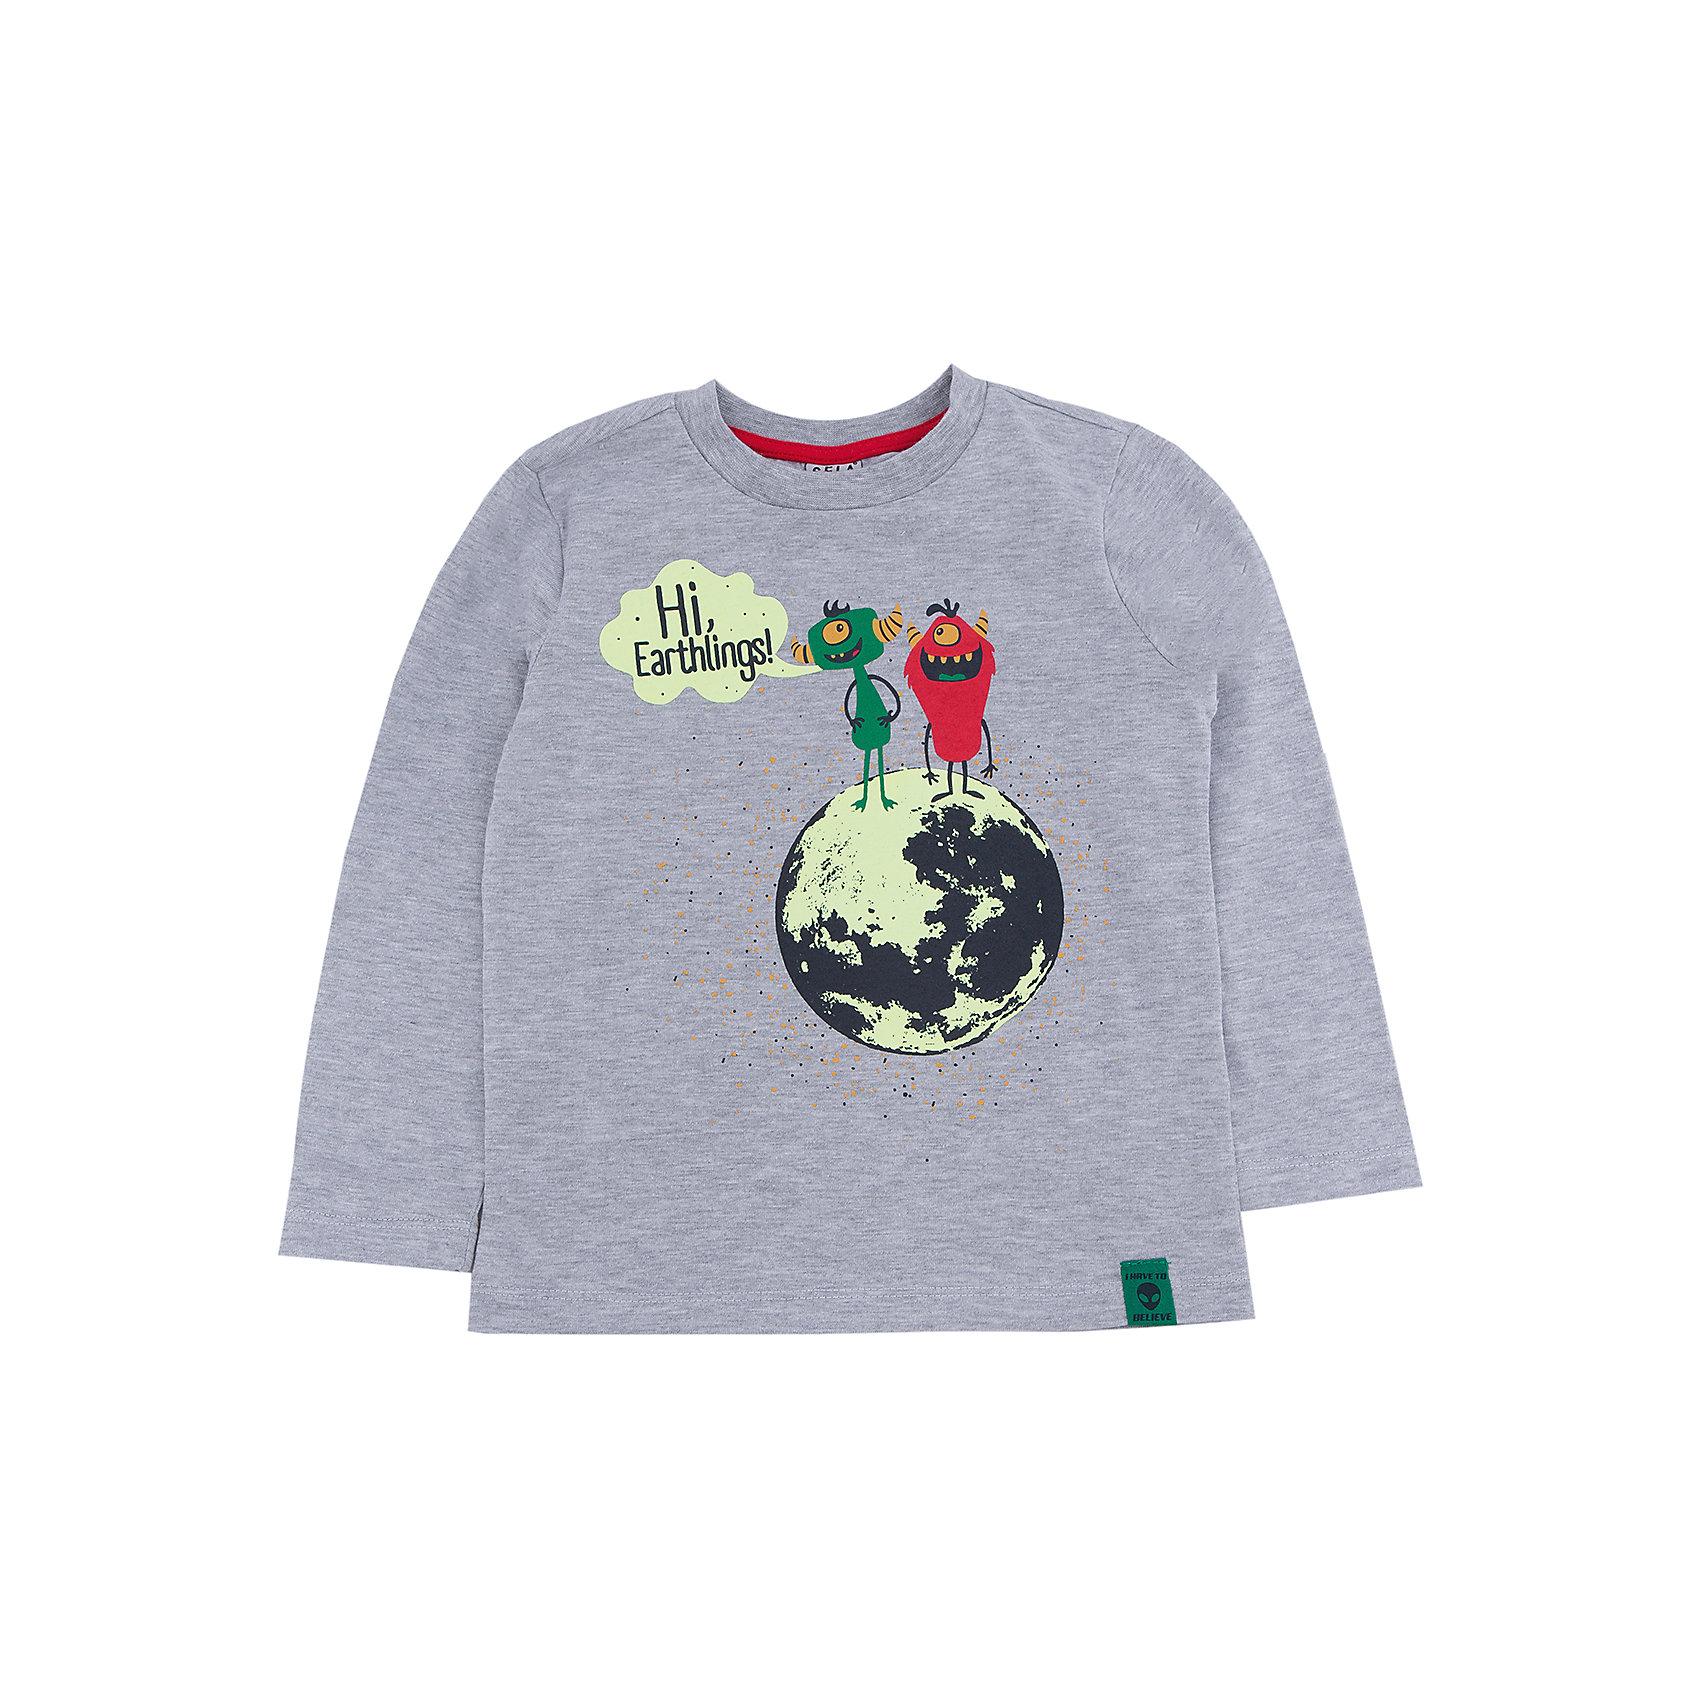 Футболка с длинным рукавом для мальчика SELAФутболки с длинным рукавом<br>Джемпер для мальчика из коллекции осень-зима 2016-2017 от известного бренда Sela(сэла).<br>Модель имеет длинные рукава и прямой силуэт. Оригинальный принт с инопланетными жителями не оставит вашего ребенка равнодушным!<br>Особенности:<br>-длинные рукава<br>-прямой силуэт<br>Состав: 35% ПЭ, 65% хлопок<br>Джемпер для мальчиков Sela(сэла) можно приобрести  в нашем интернет-магазине.<br><br>Ширина мм: 190<br>Глубина мм: 74<br>Высота мм: 229<br>Вес г: 236<br>Цвет: серый<br>Возраст от месяцев: 24<br>Возраст до месяцев: 36<br>Пол: Мужской<br>Возраст: Детский<br>Размер: 98,116,92,104,110<br>SKU: 4883819